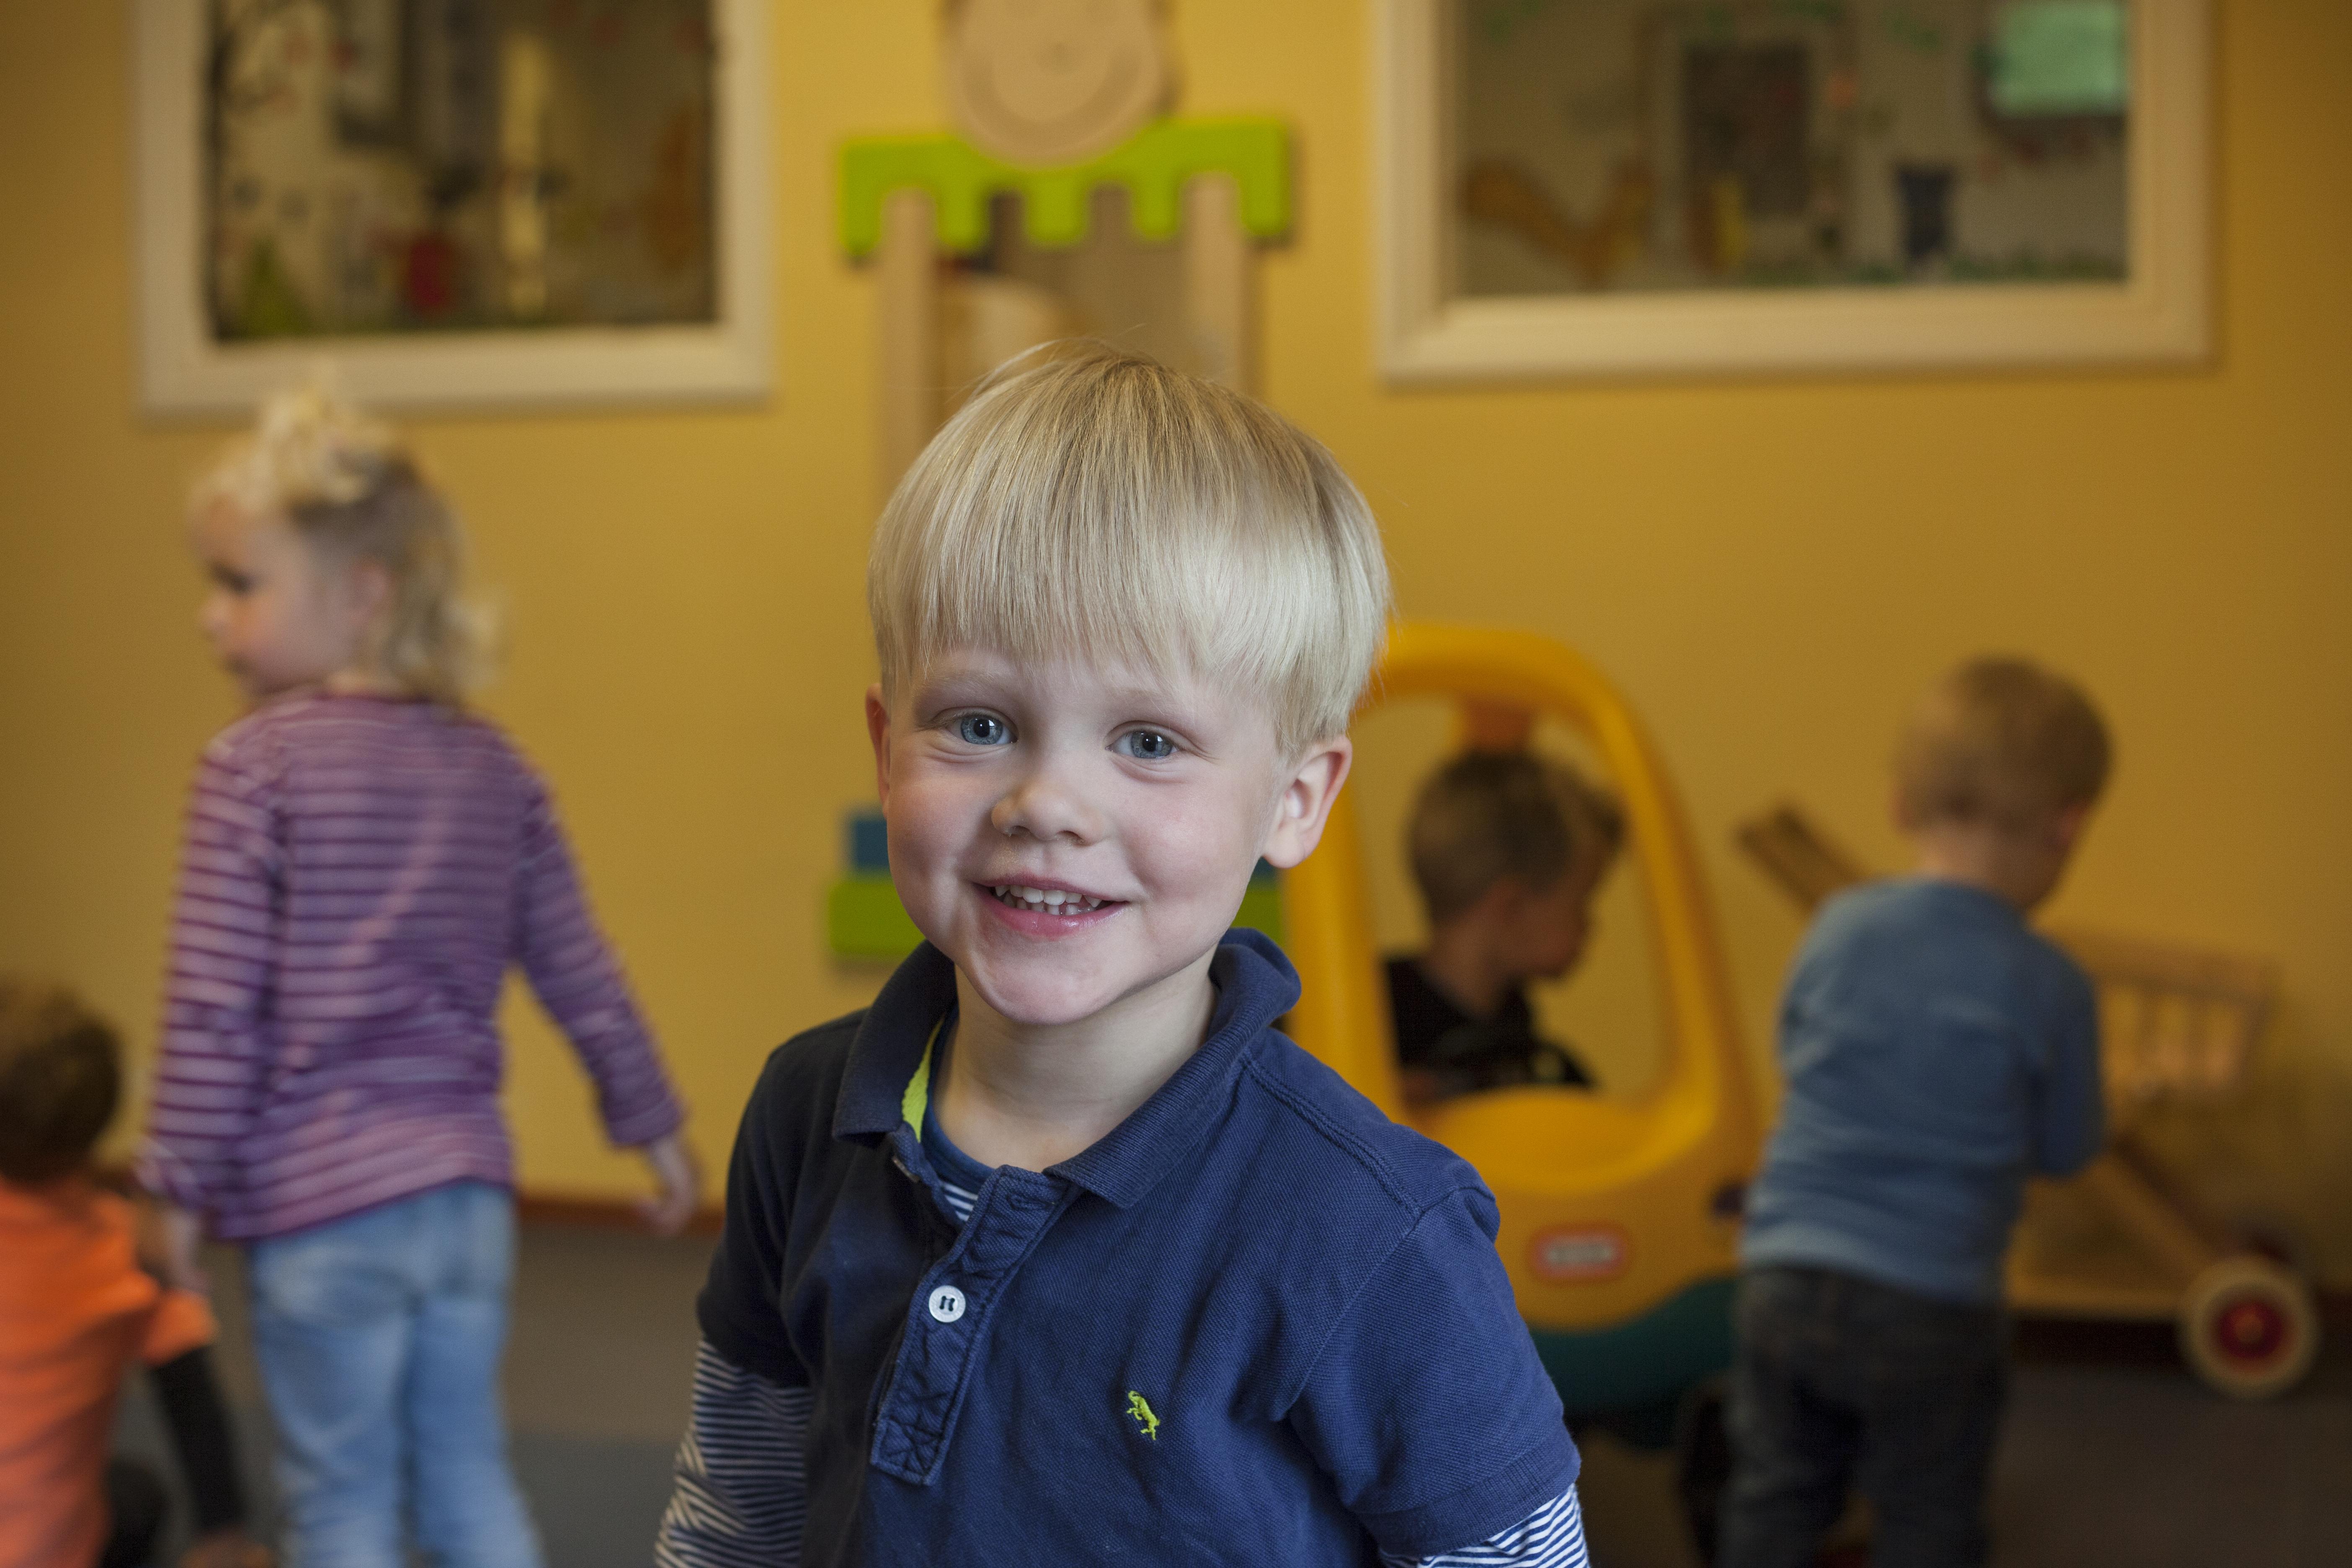 Kinderdagverblijf De Tuimelaar Dokkum - Kids First COP Groep